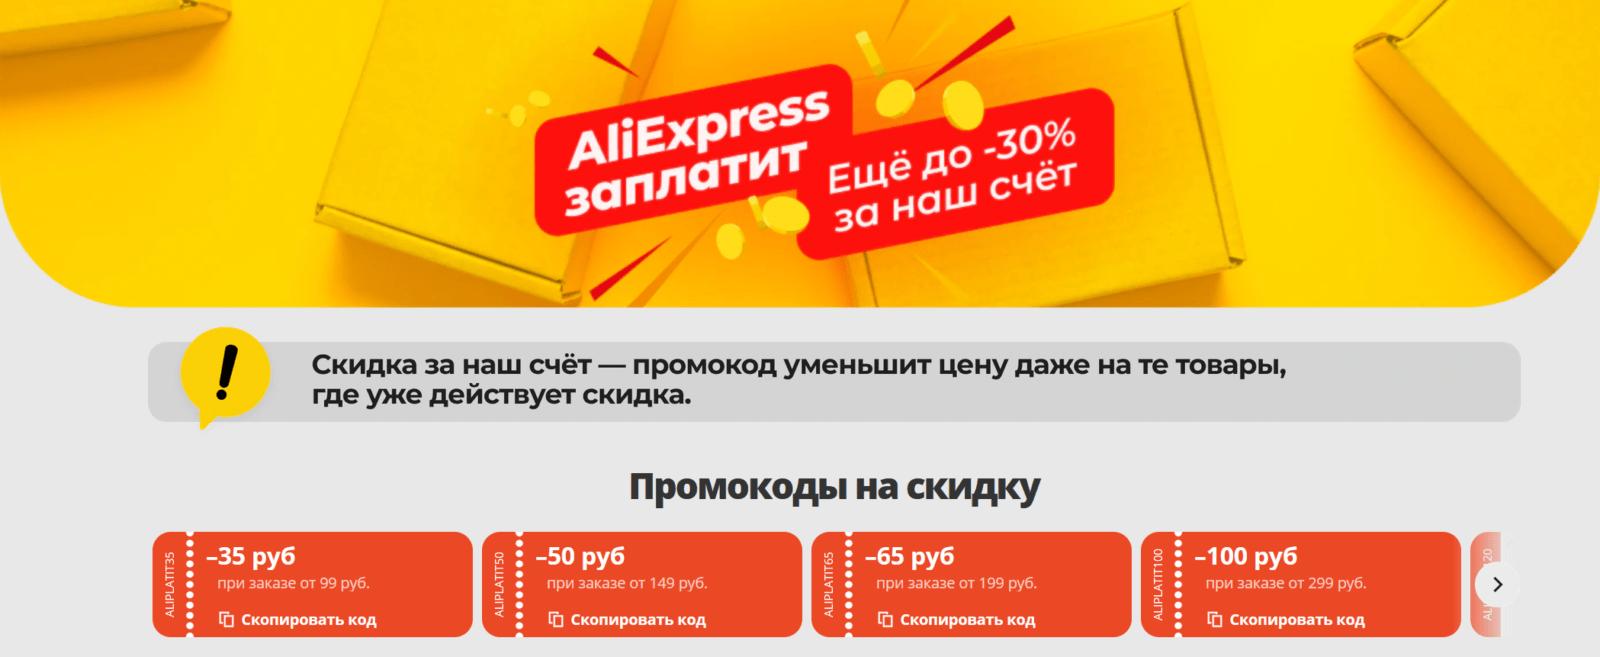 Распродажа «Алиэкспресс заплатит»